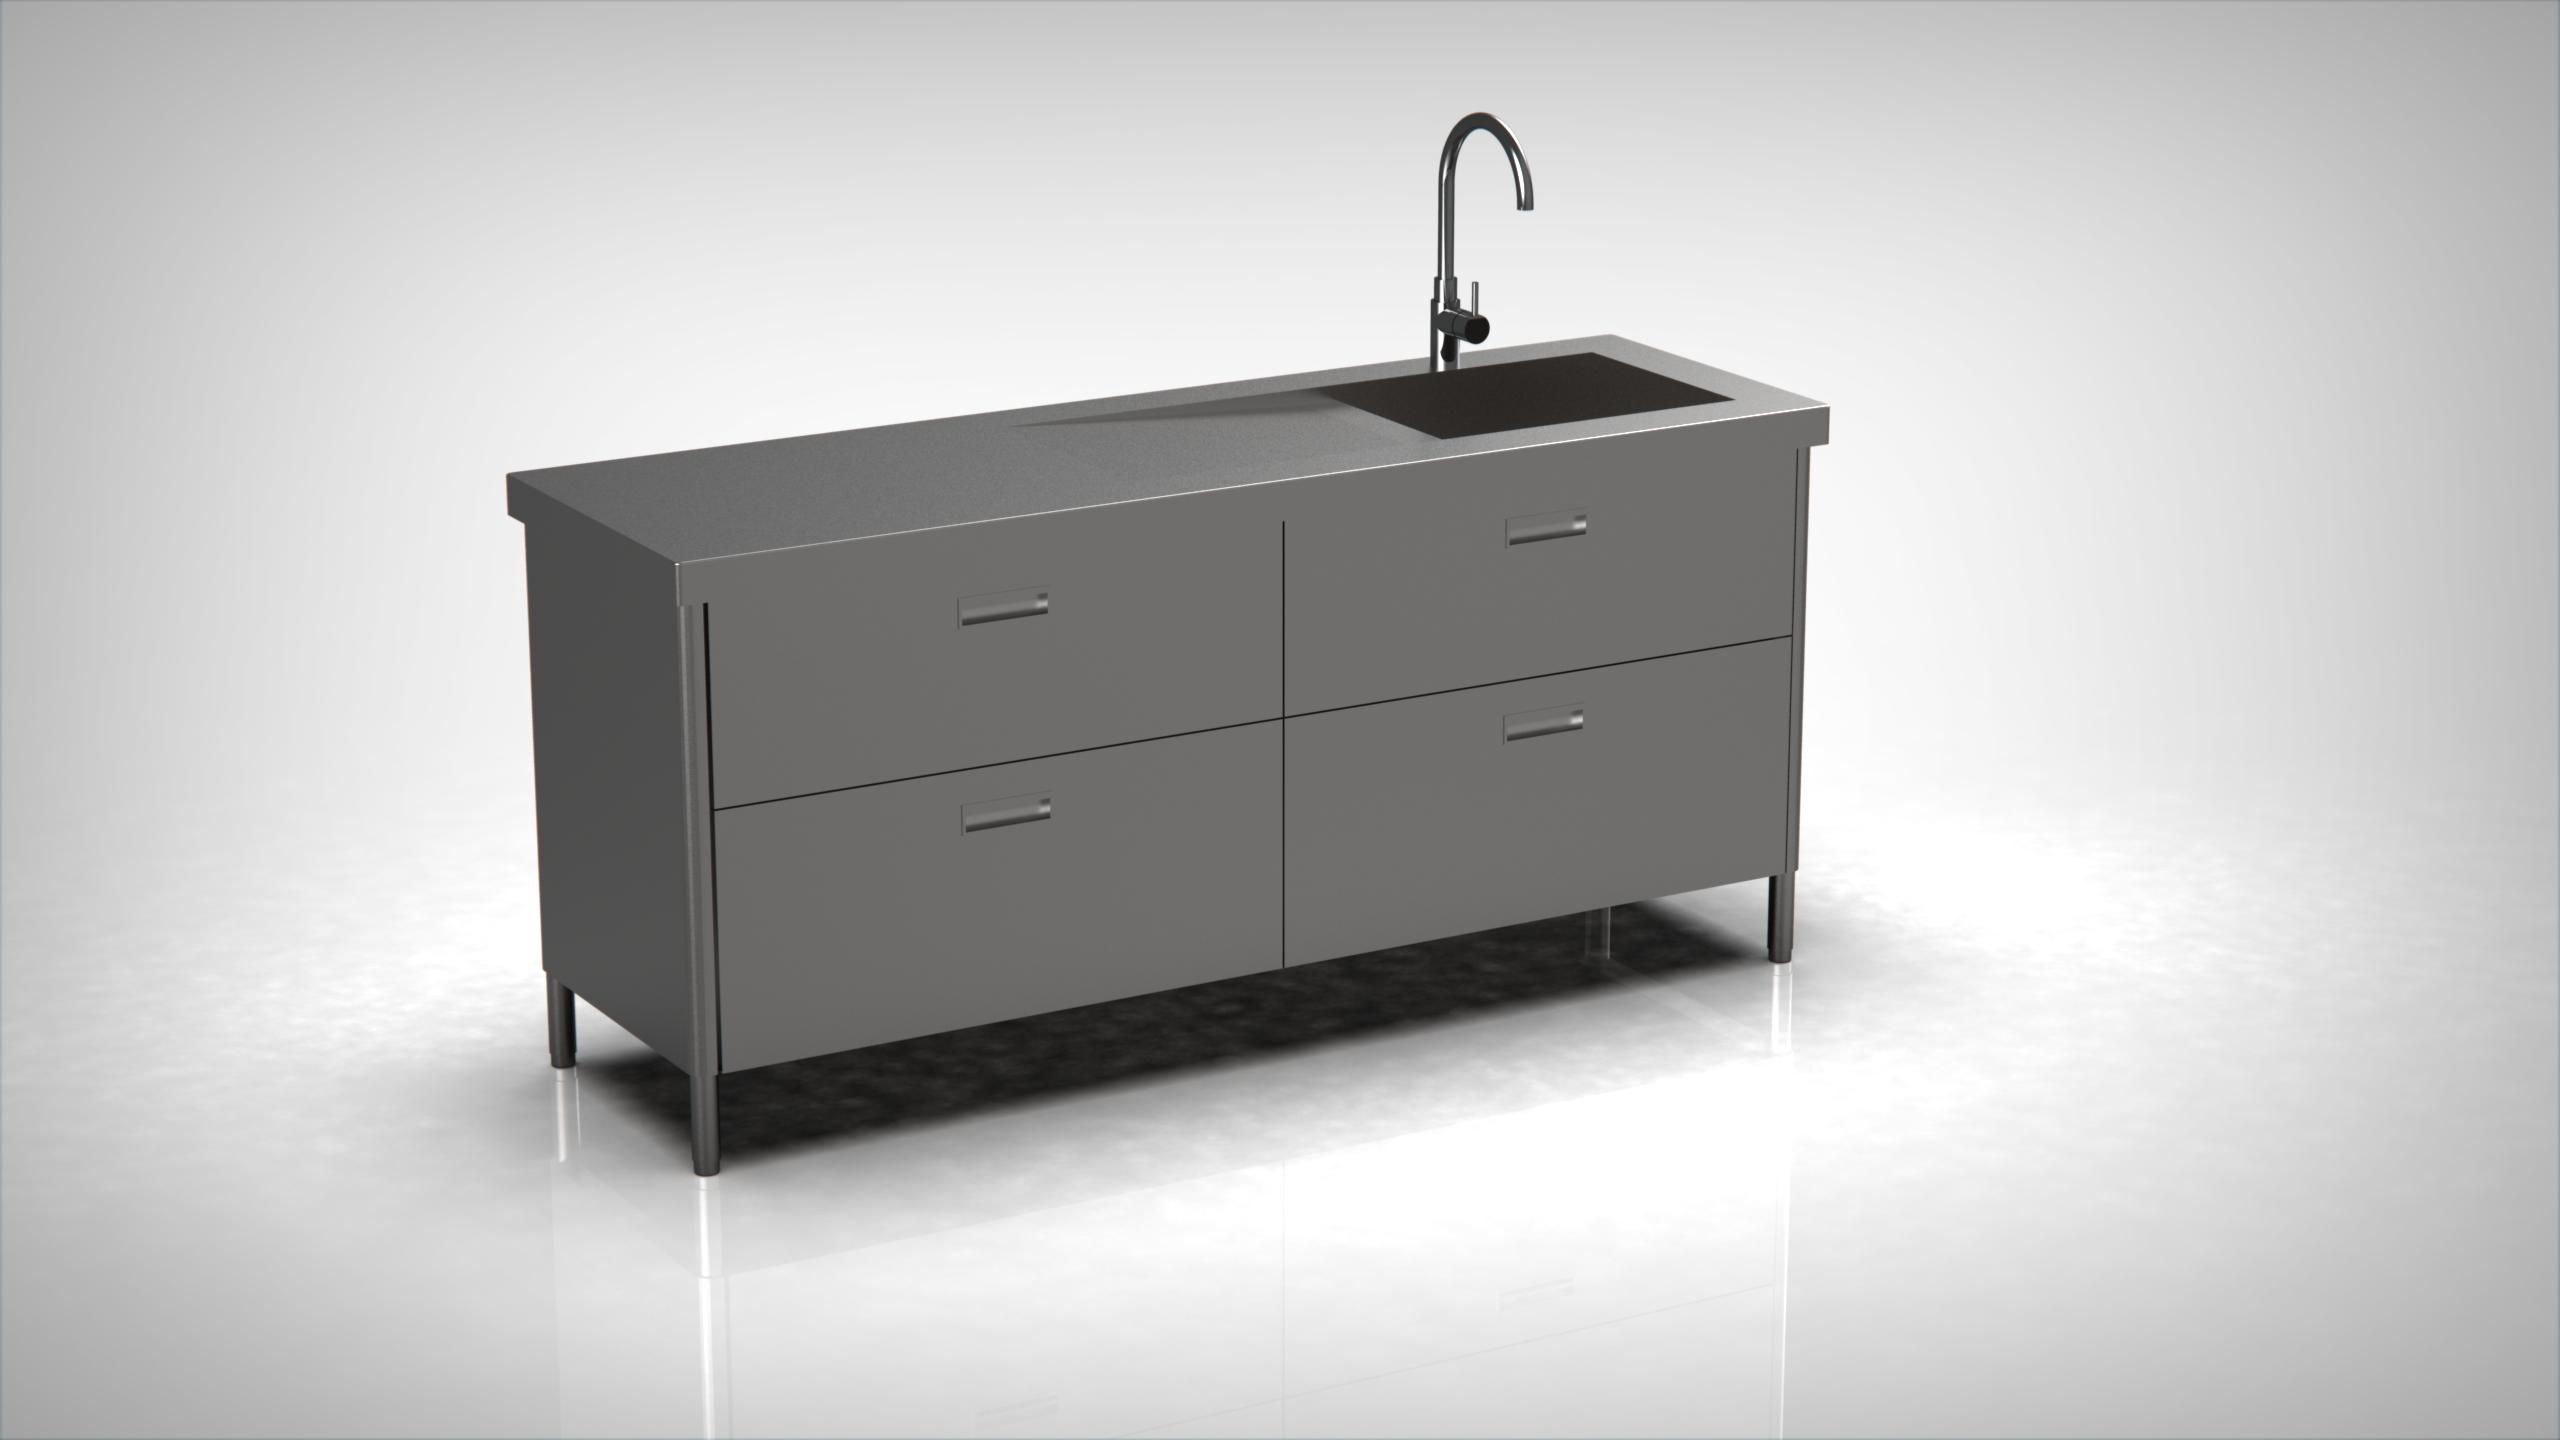 Arca Cucine Italy - Levanto - Modulo 190 - drawers - Monobloc stainless steel kitchen sink 190